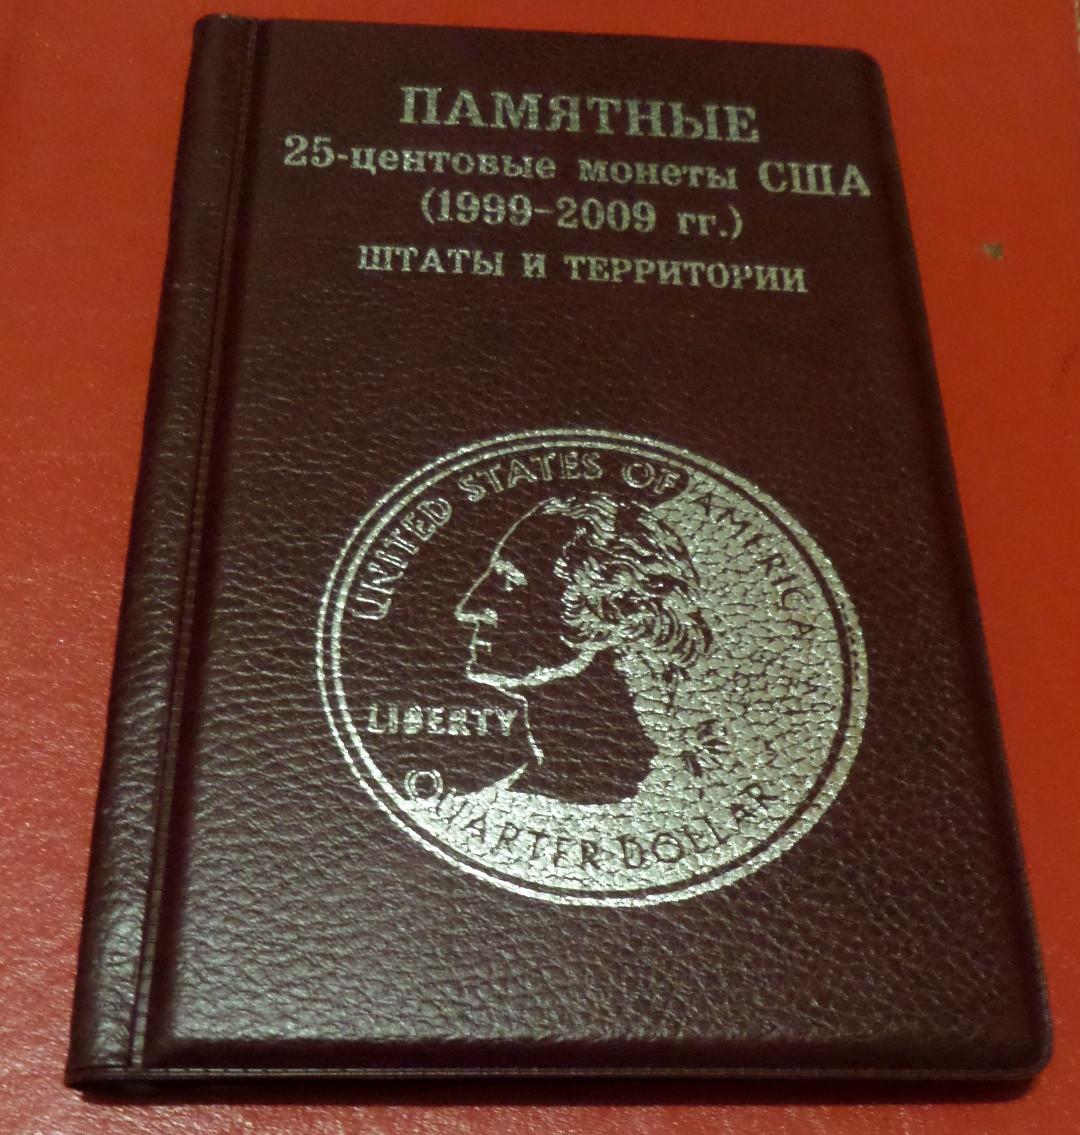 Альбом для монет 25 центов США серии штаты и территории (1999-2009)